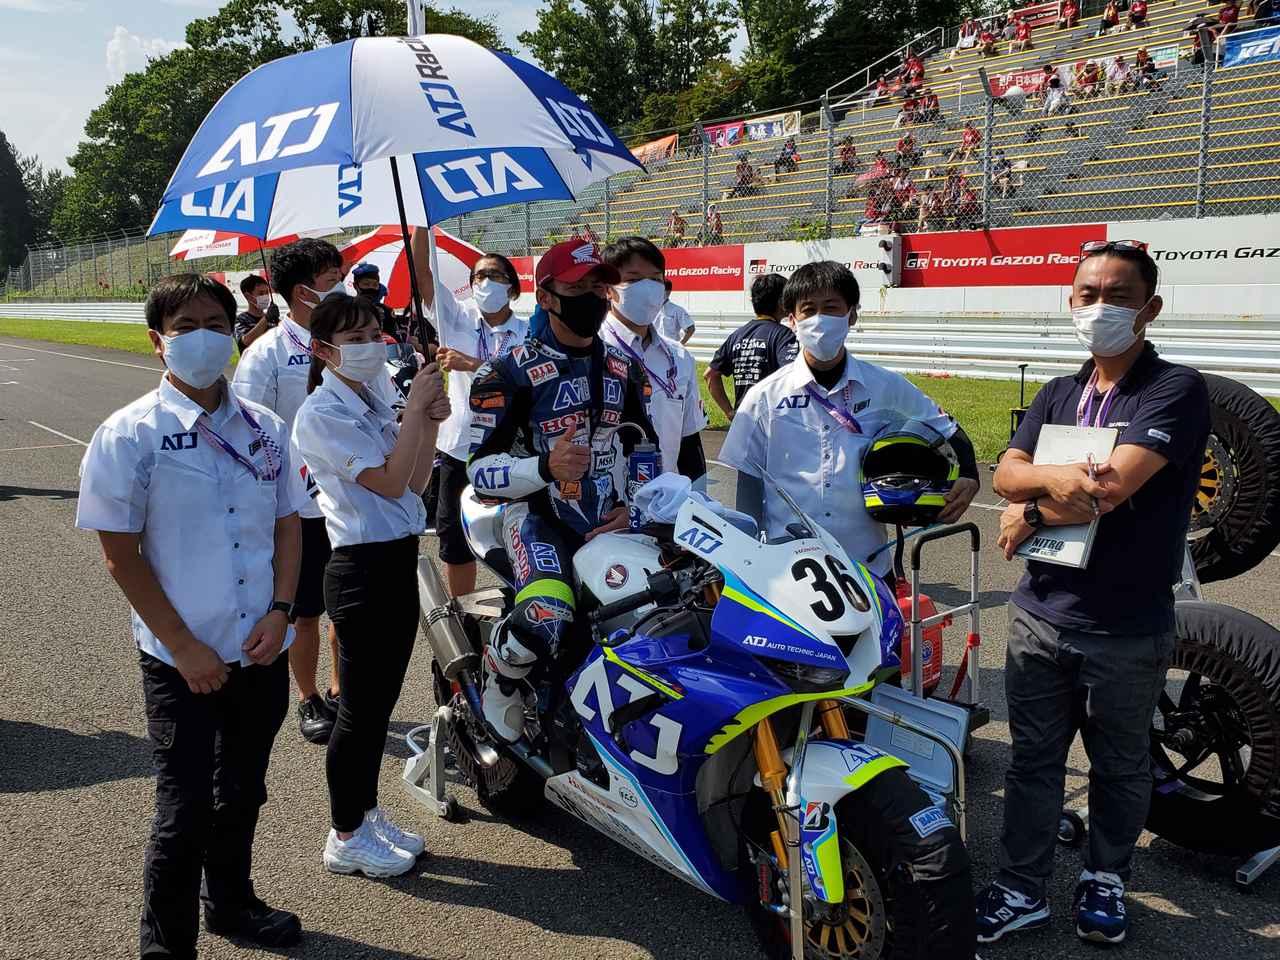 Images : 8番目の画像 - 「60枚以上の写真でお届け! ファンの皆さんも熱かった全日本ロードレースSUGO大会!(大関さおり)」のアルバム - LAWRENCE - Motorcycle x Cars + α = Your Life.